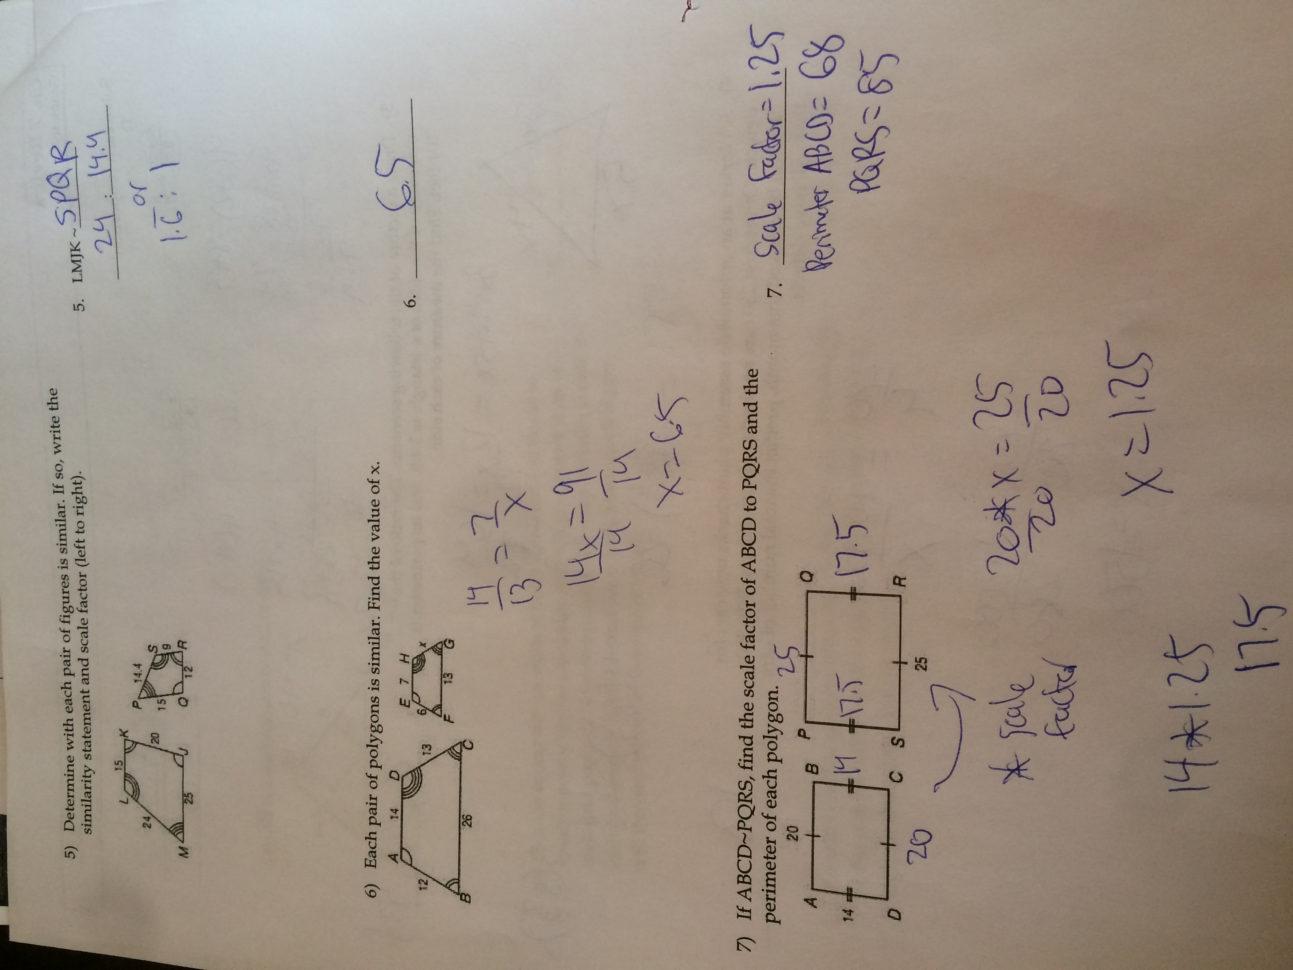 Worksheet 1 2 Measuring Segments Day 1